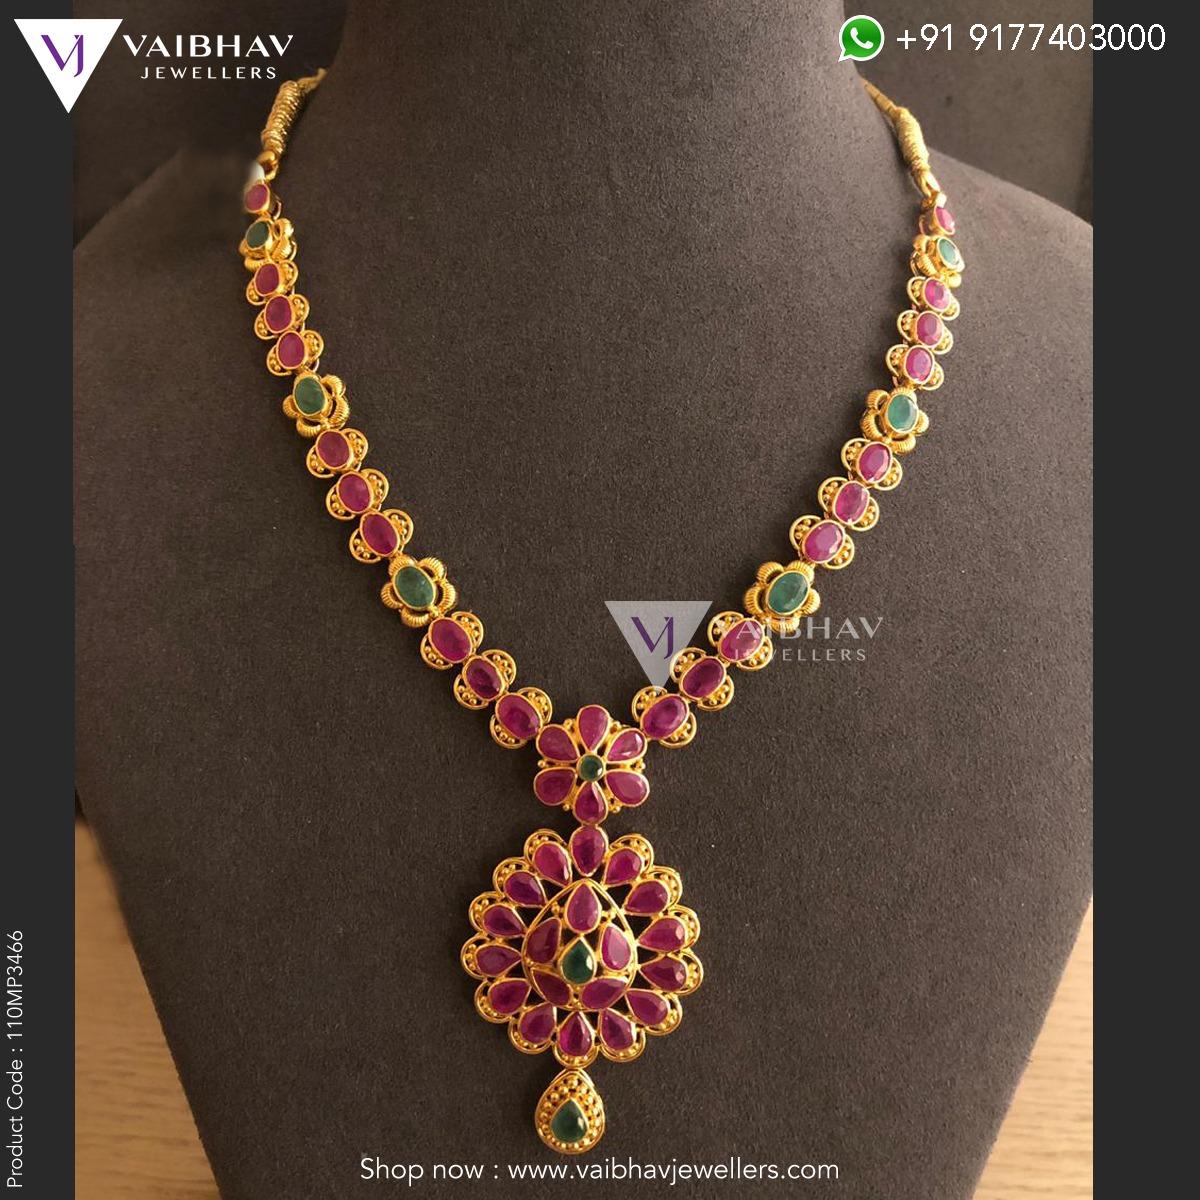 c872022de779a Ruby necklace designs by Vaibhav - Jewellery Designs